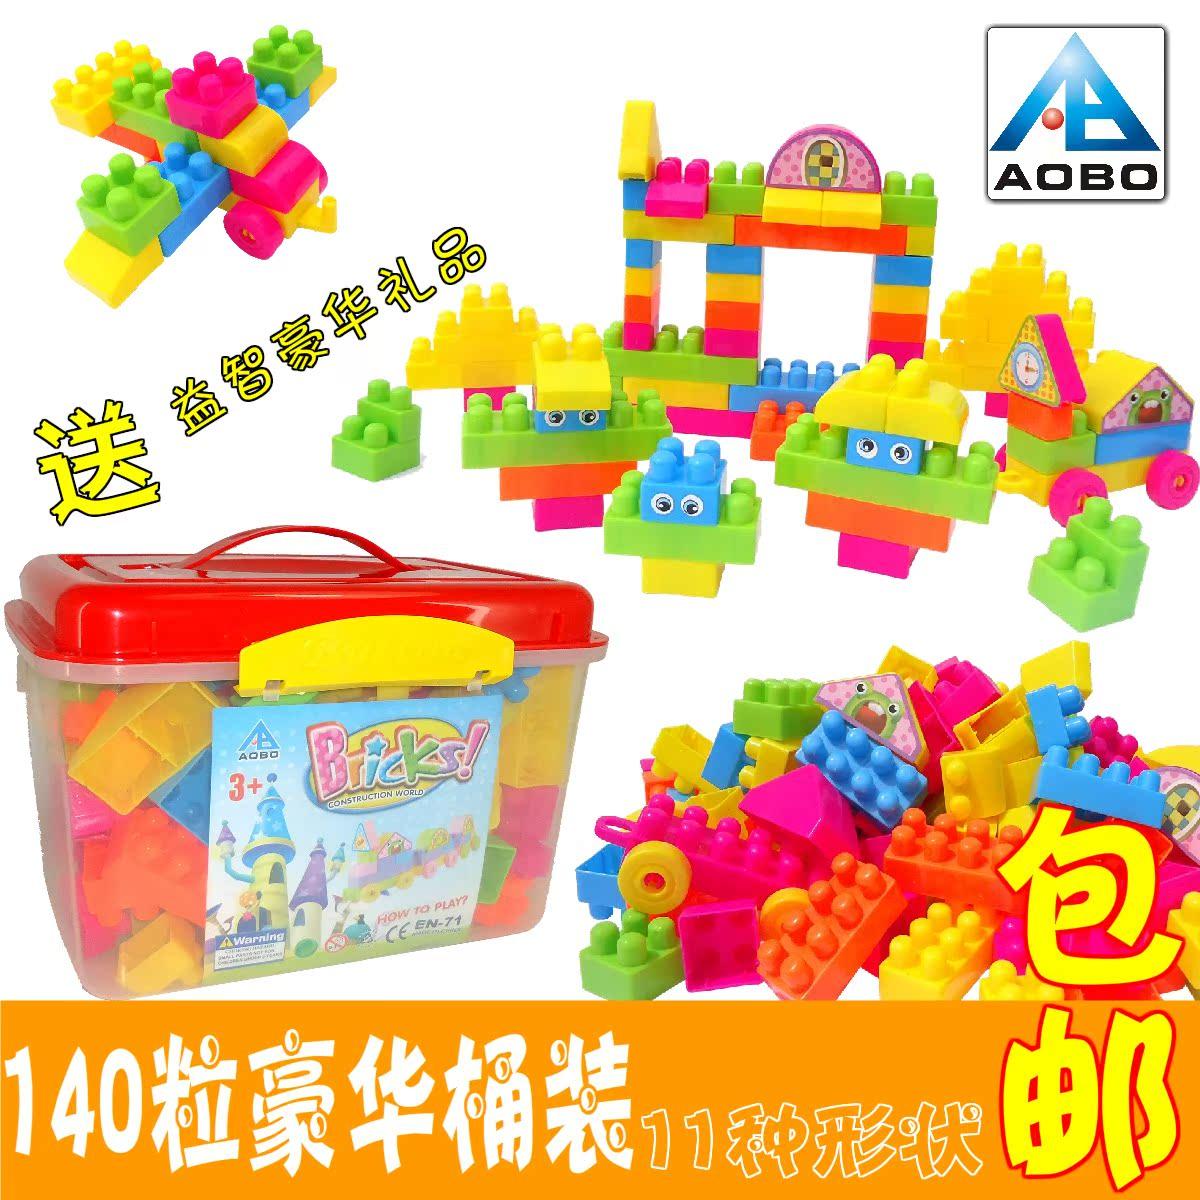 积木早教益智力玩具塑料类积木拼插拼装乐高式桶装包邮360儿童路由器图片